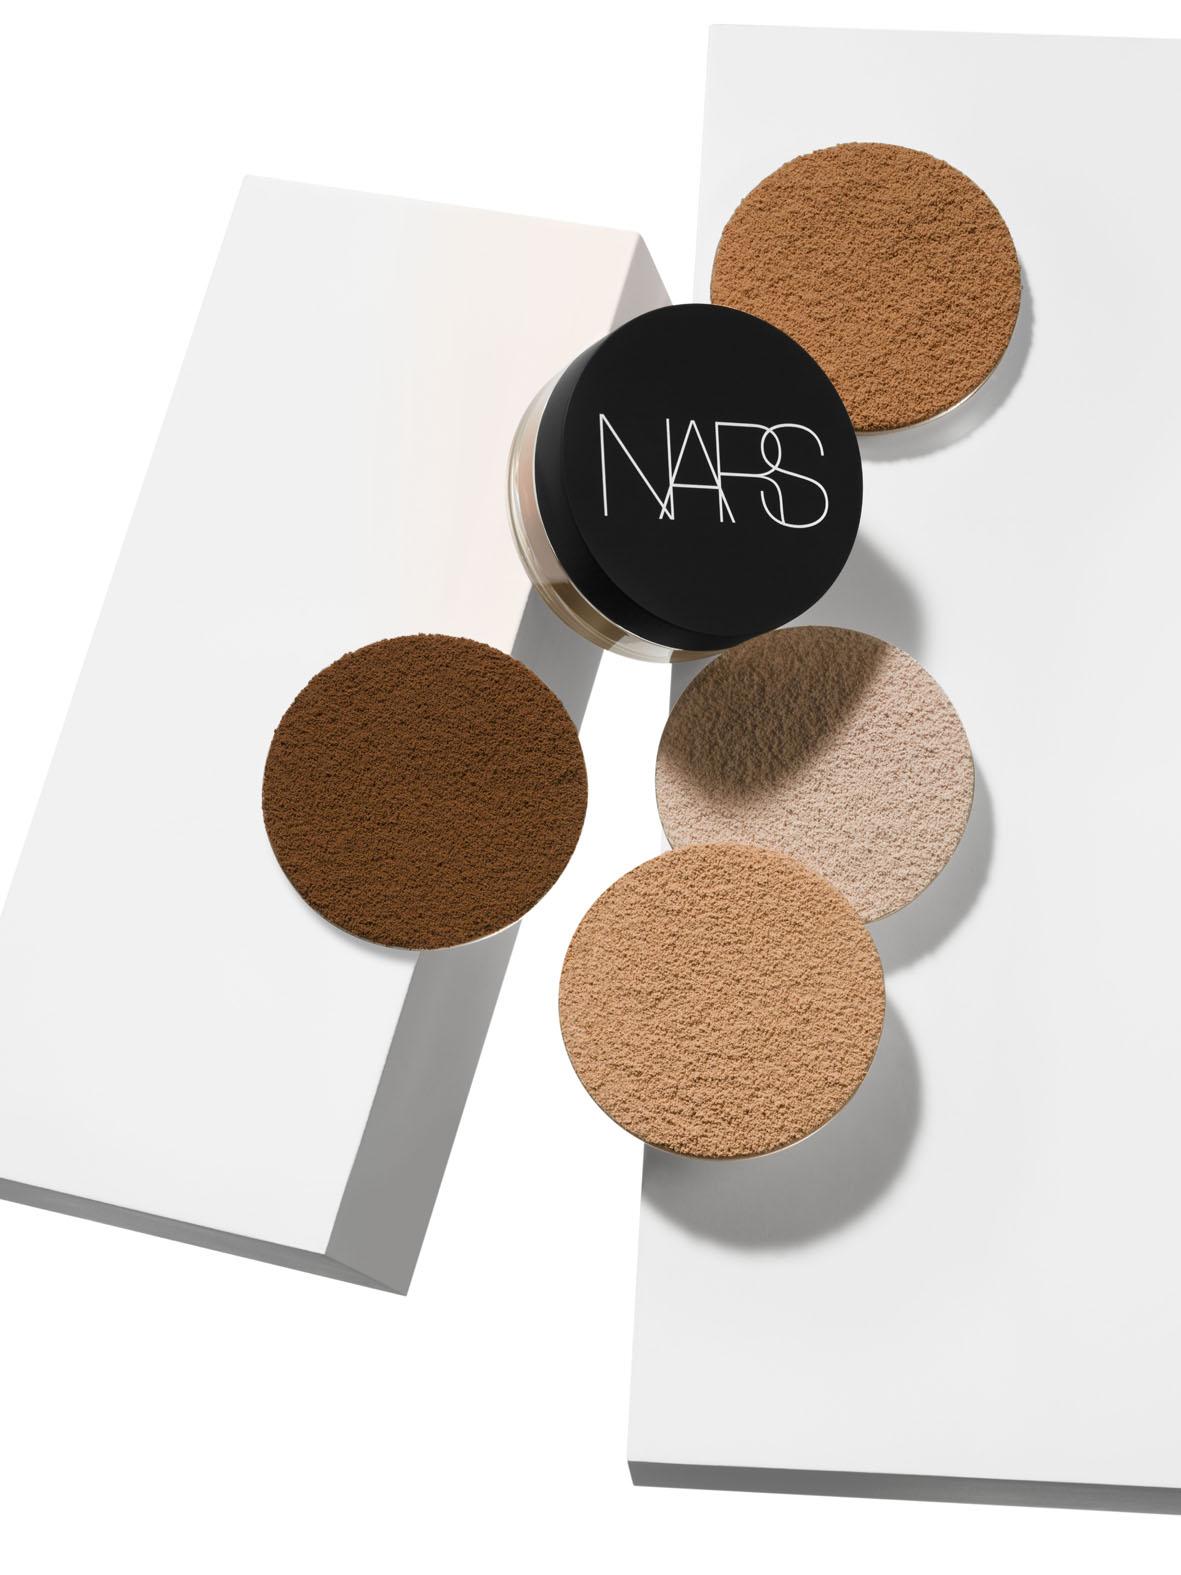 NARS Soft Velvet Loose Powder.